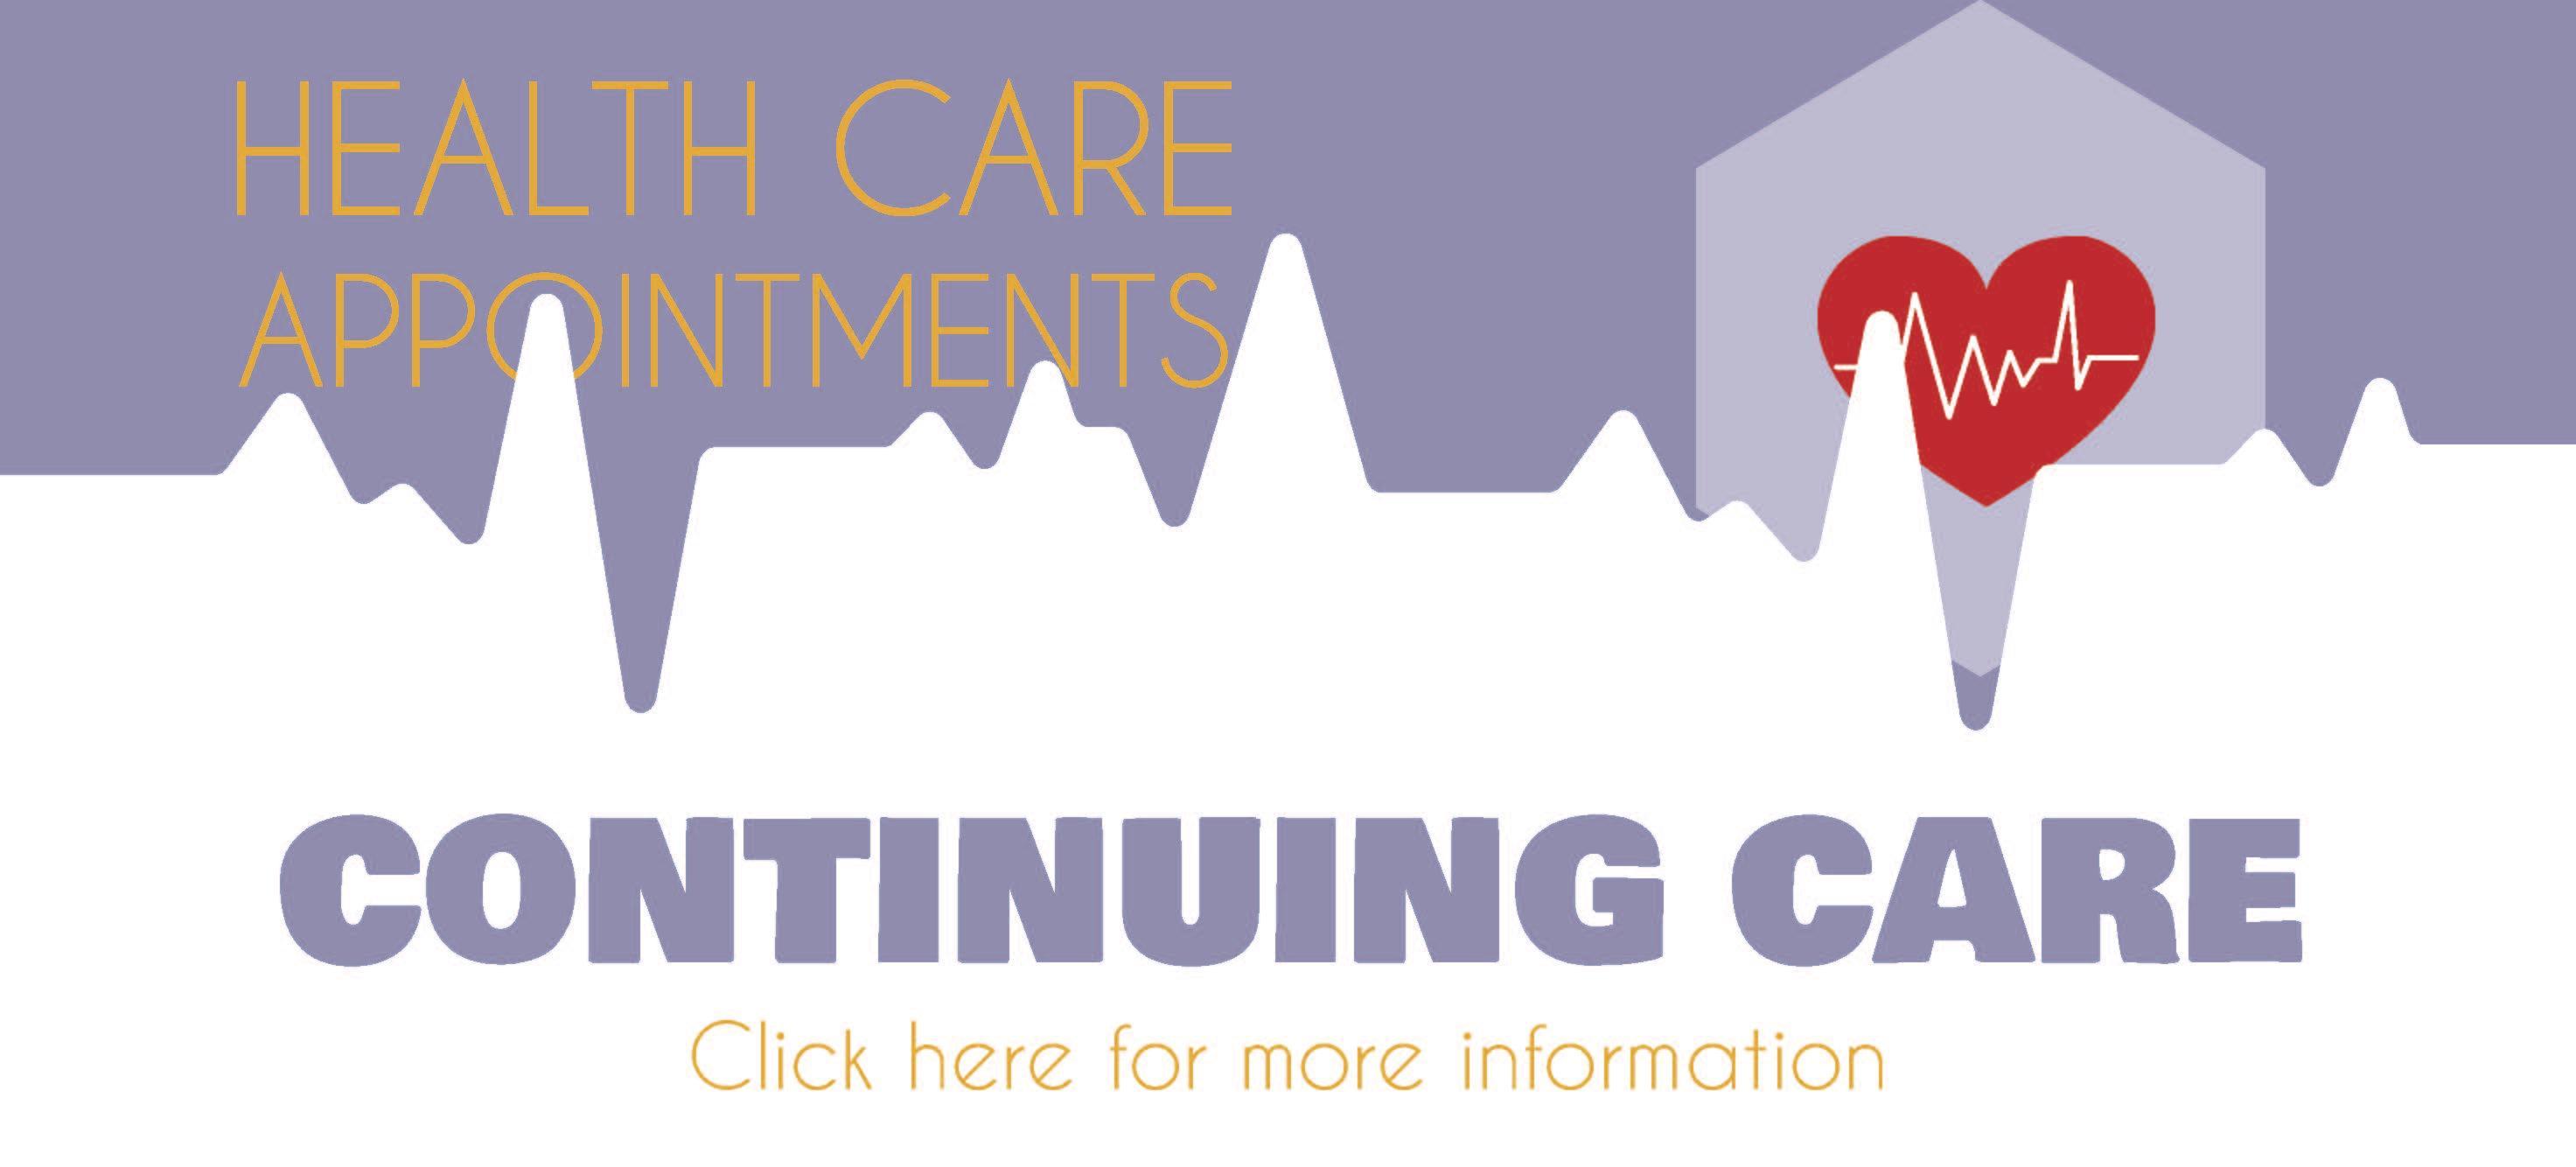 Continuing care Appt